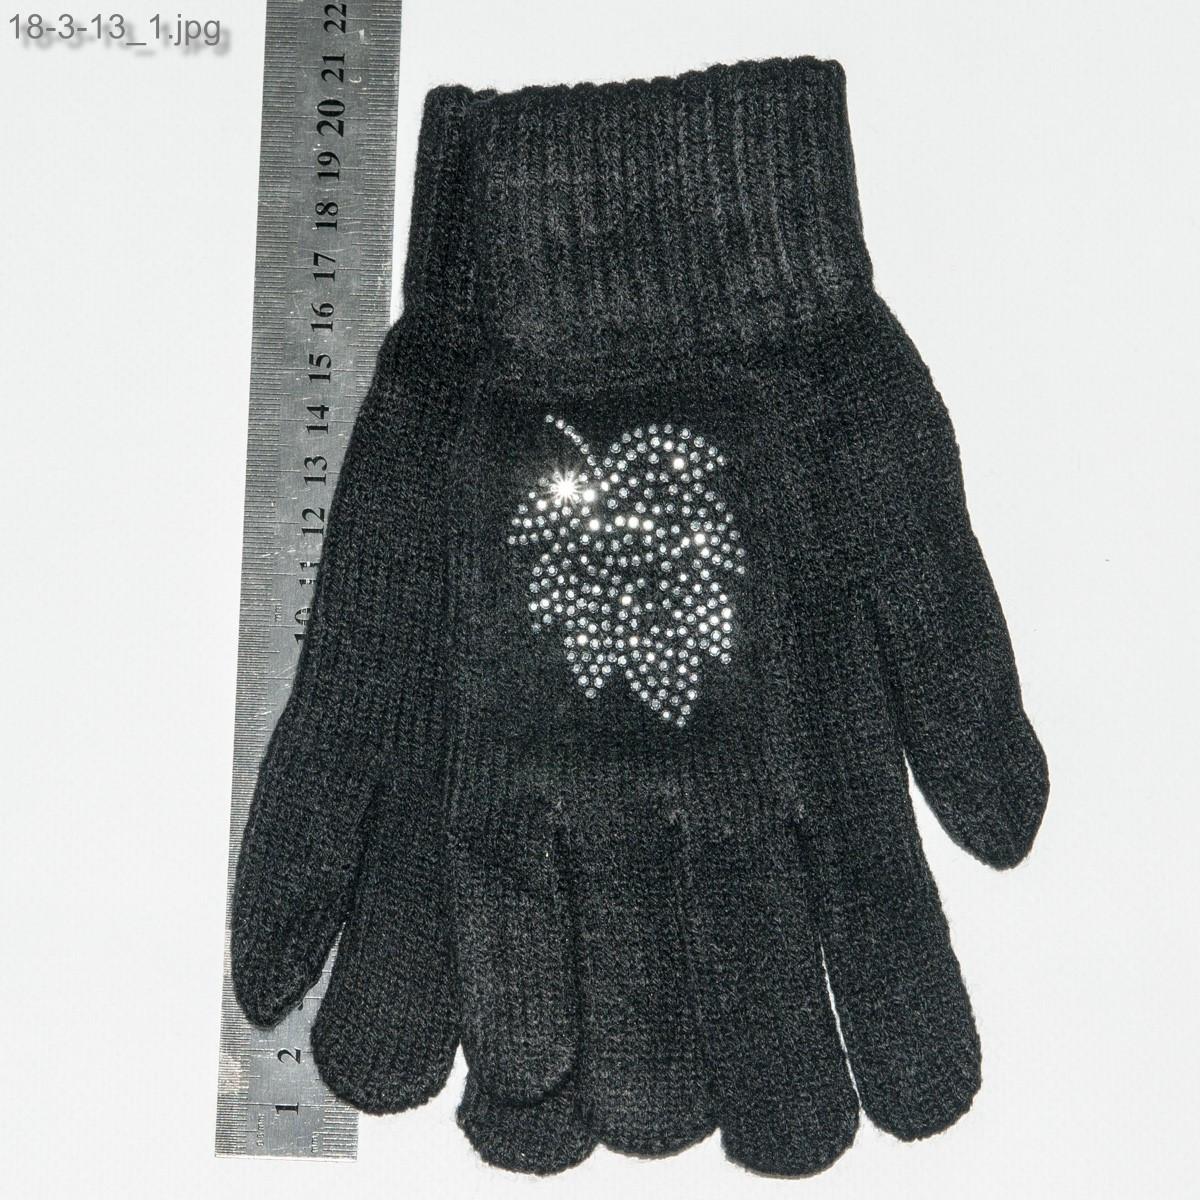 Оптом женские перчатки вязаные шерстяные - черные - №18-3-13